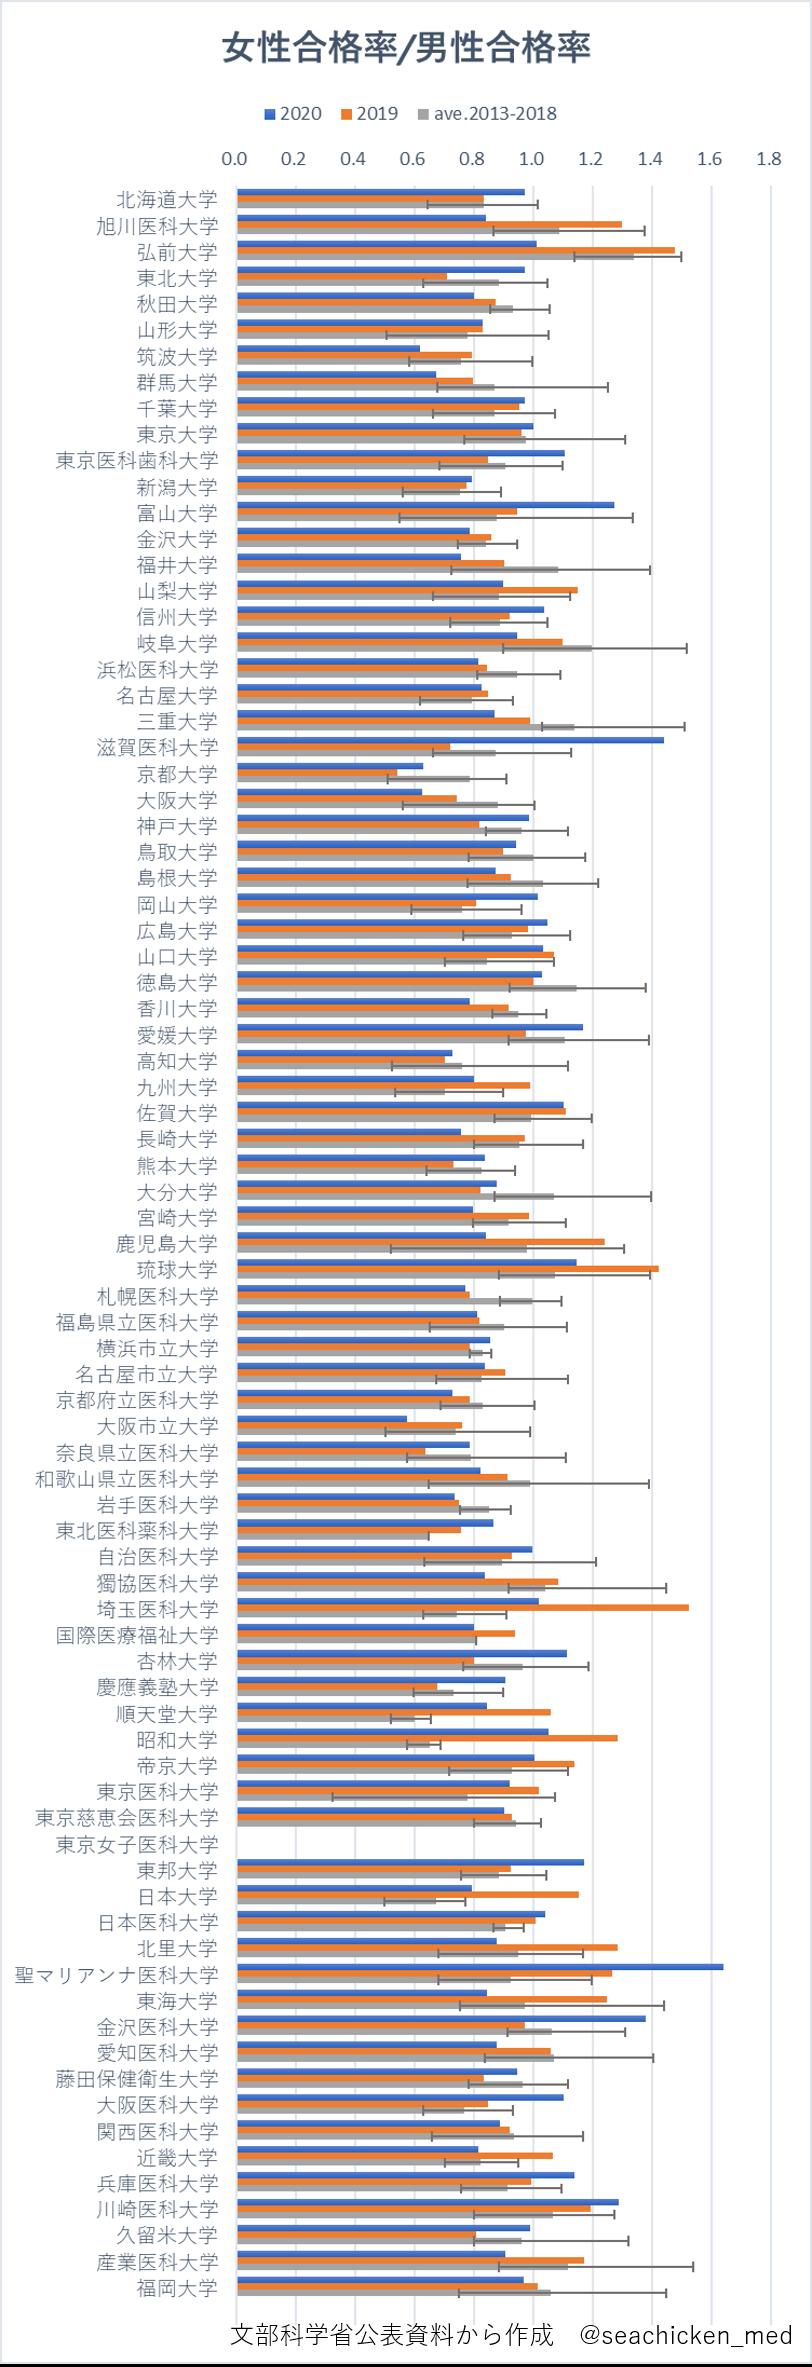 pass_ratio_2013-2020.png